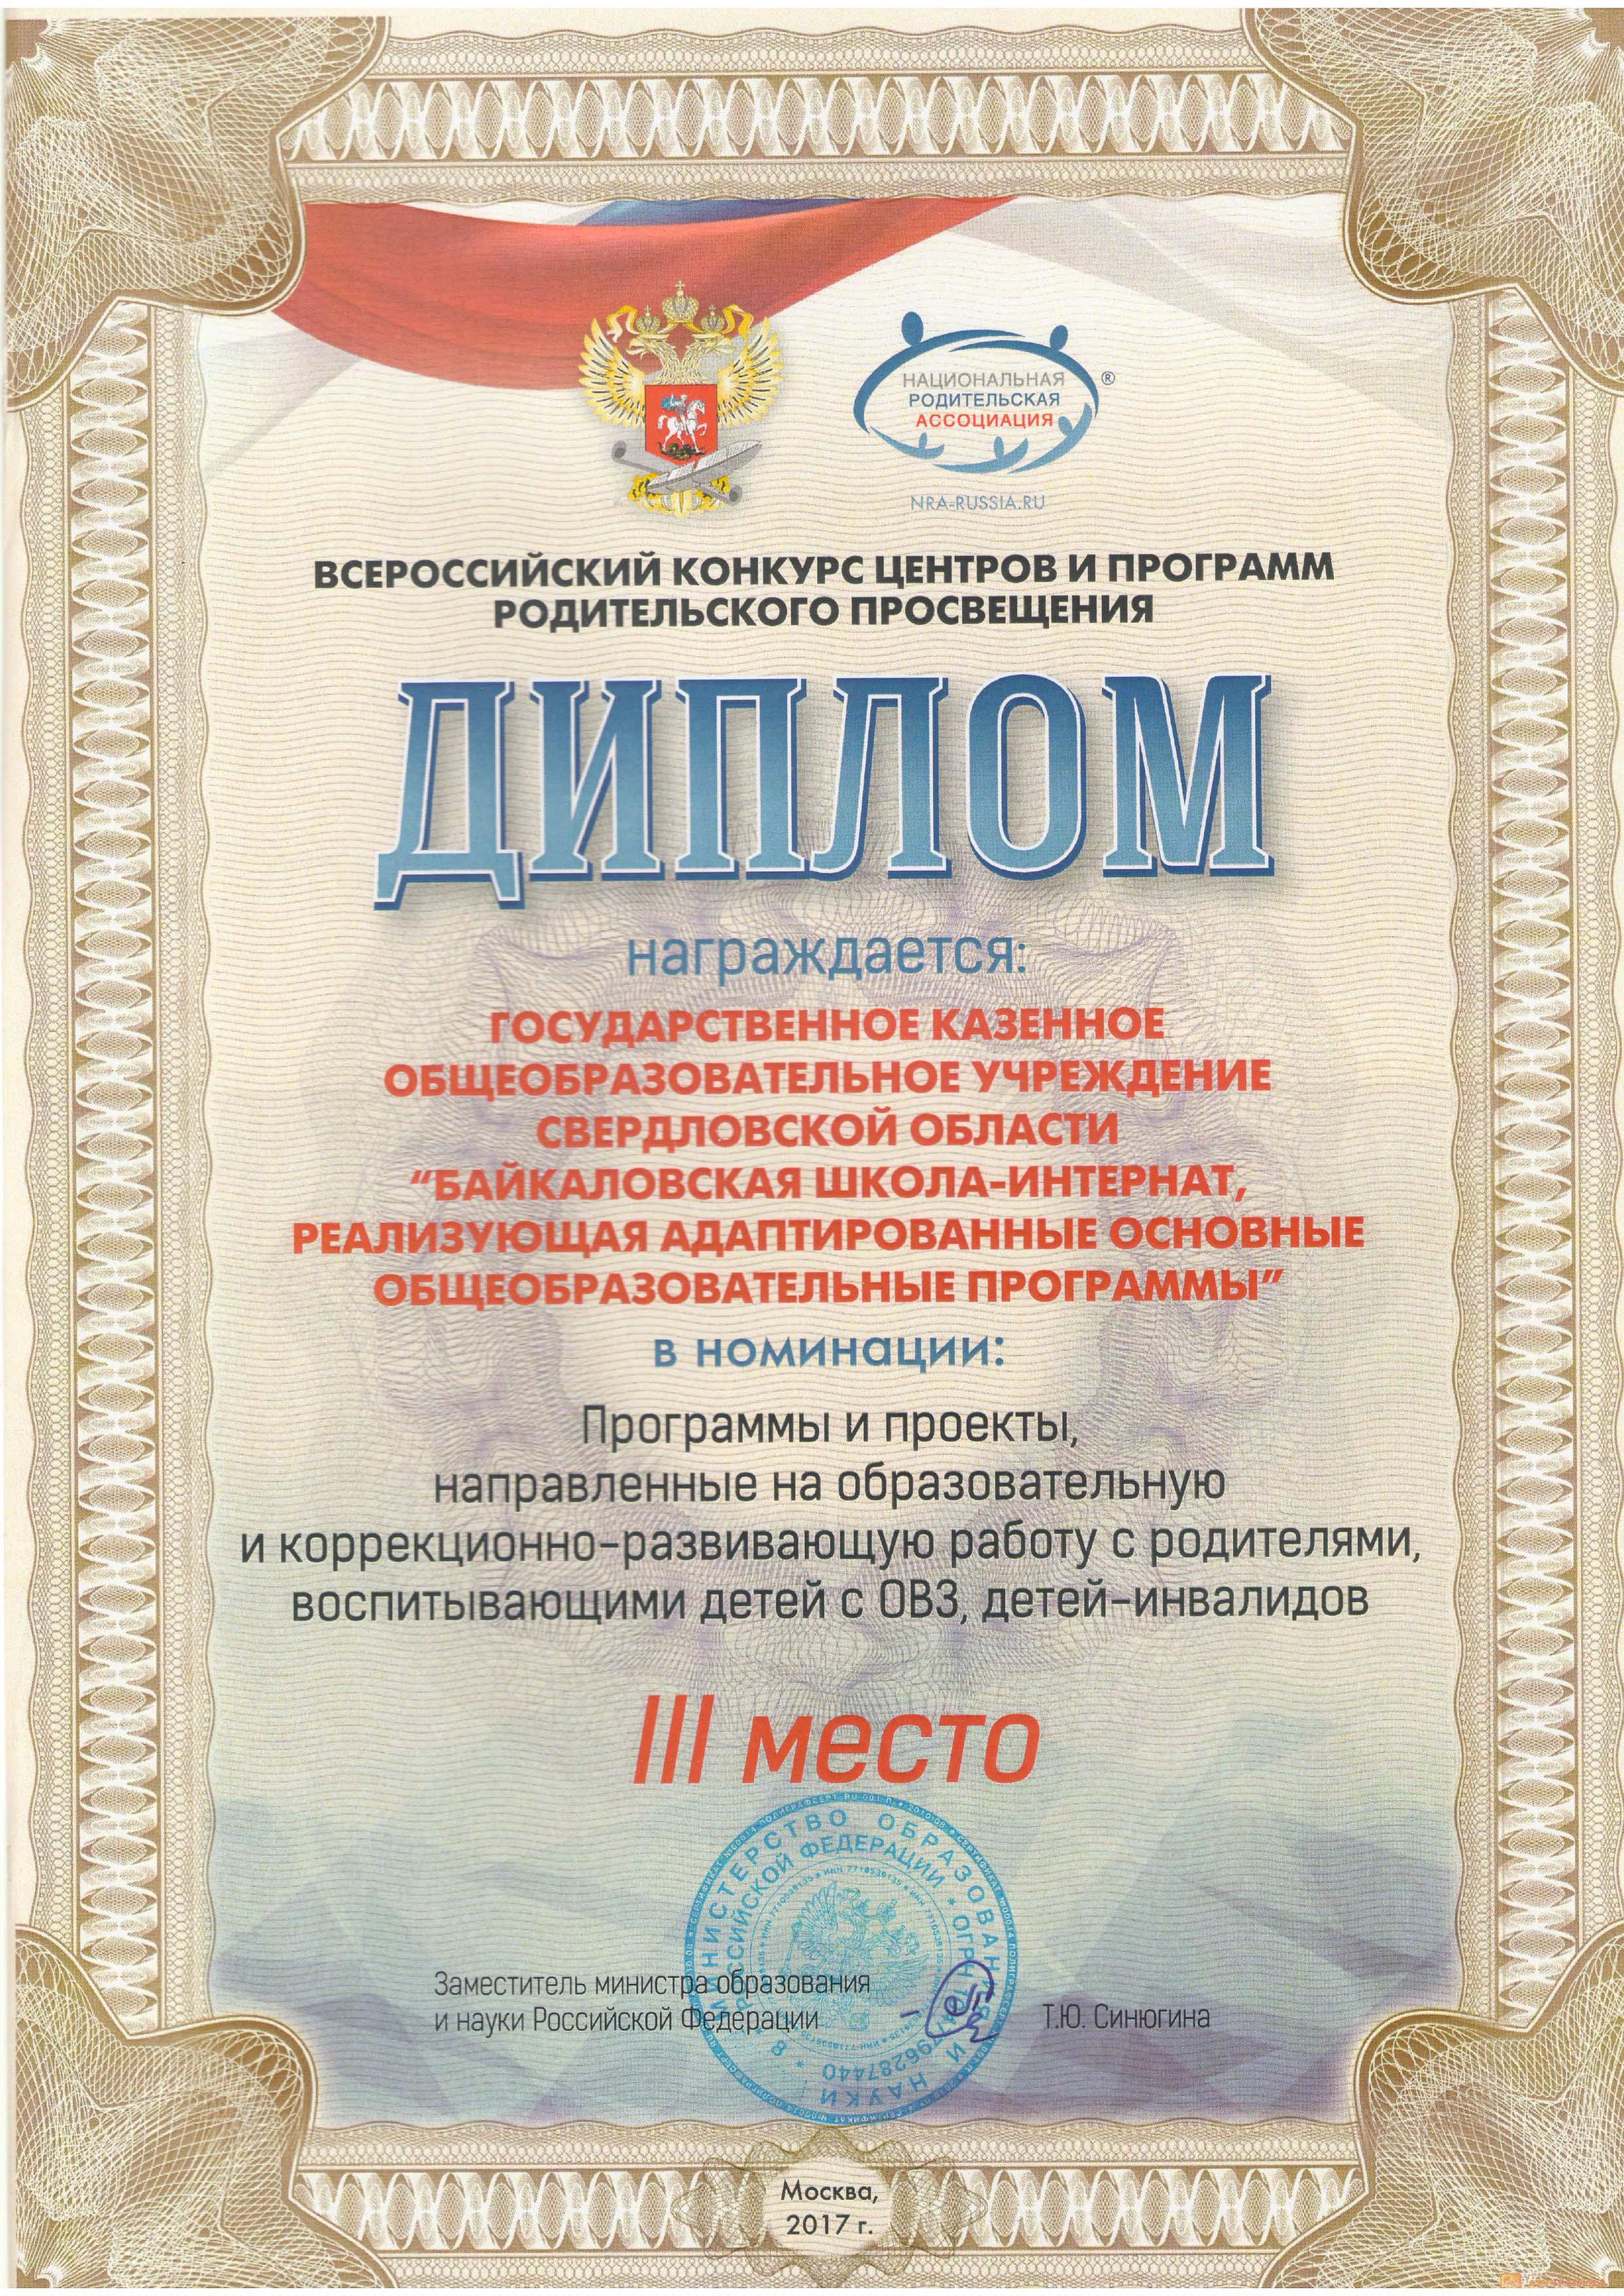 Всероссийский конкурс центров и программ родительского просвещения